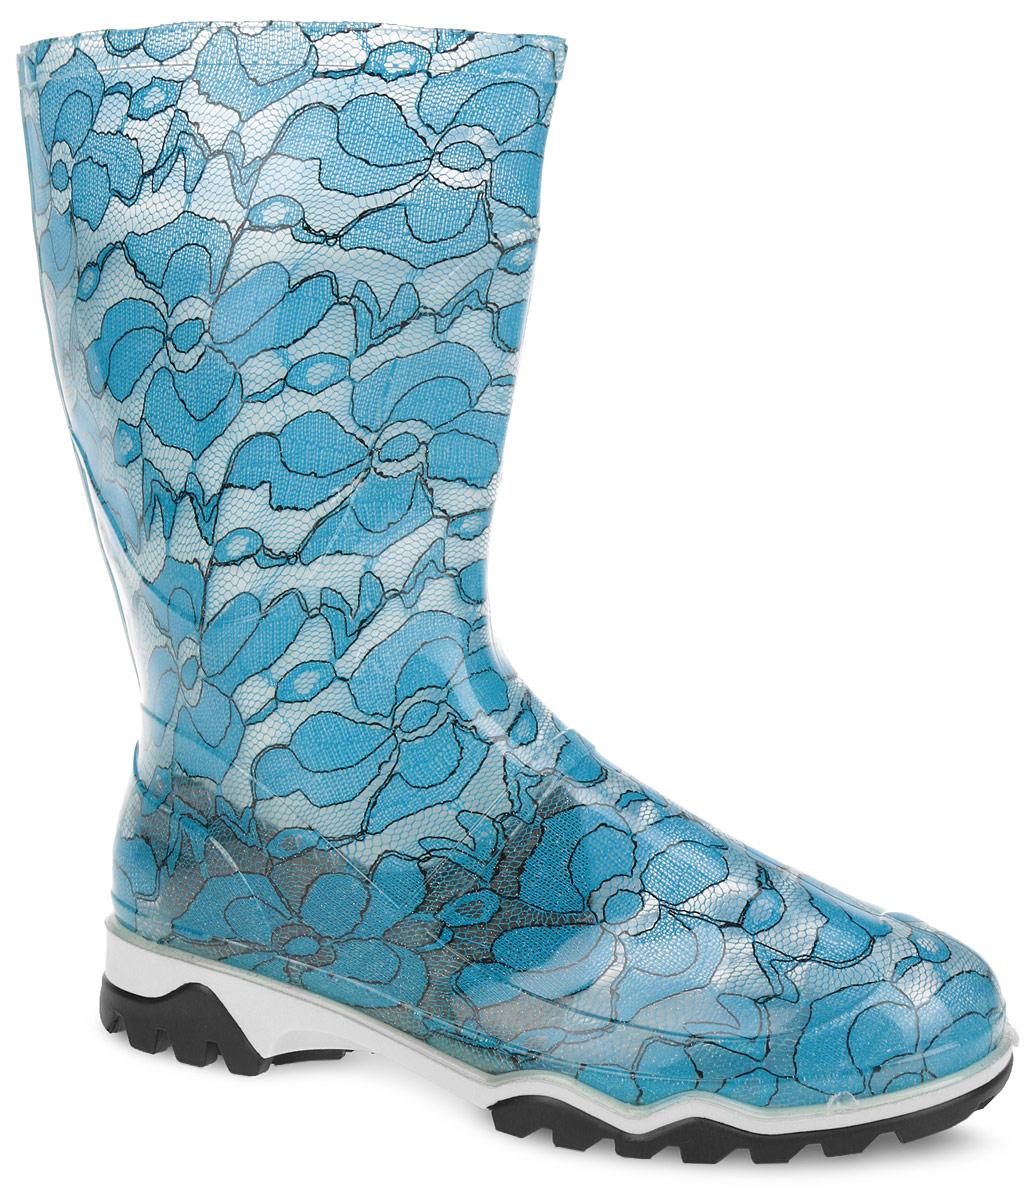 Полусапоги резиновые женские. 340/01РУ340/01РУПолусапоги от Дюна превосходно защитят ваши ноги от промокания в дождливый день. Модель полностью выполнена из ПВХ, обладающего высокой эластичностью, 100% водонепроницаемостью, амортизационными свойствами и герметичностью, и оформлена ярким оригинальным принтом. Тканевая основа внутри полусапог сохраняет форму и предотвращает деформацию голенища. Мягкий вынимающийся сапожок из искусственного меха и текстильная стелька не дадут ногам замерзнуть и обеспечат комфорт. Ширина голенища компенсирует отсутствие застежек. Верхняя часть подошвы оформлена контрастной полоской. Рельефная поверхность подошвы гарантирует отличное сцепление с любой поверхностью. Такие резиновые полусапоги поднимут вам настроение в дождливую погоду!